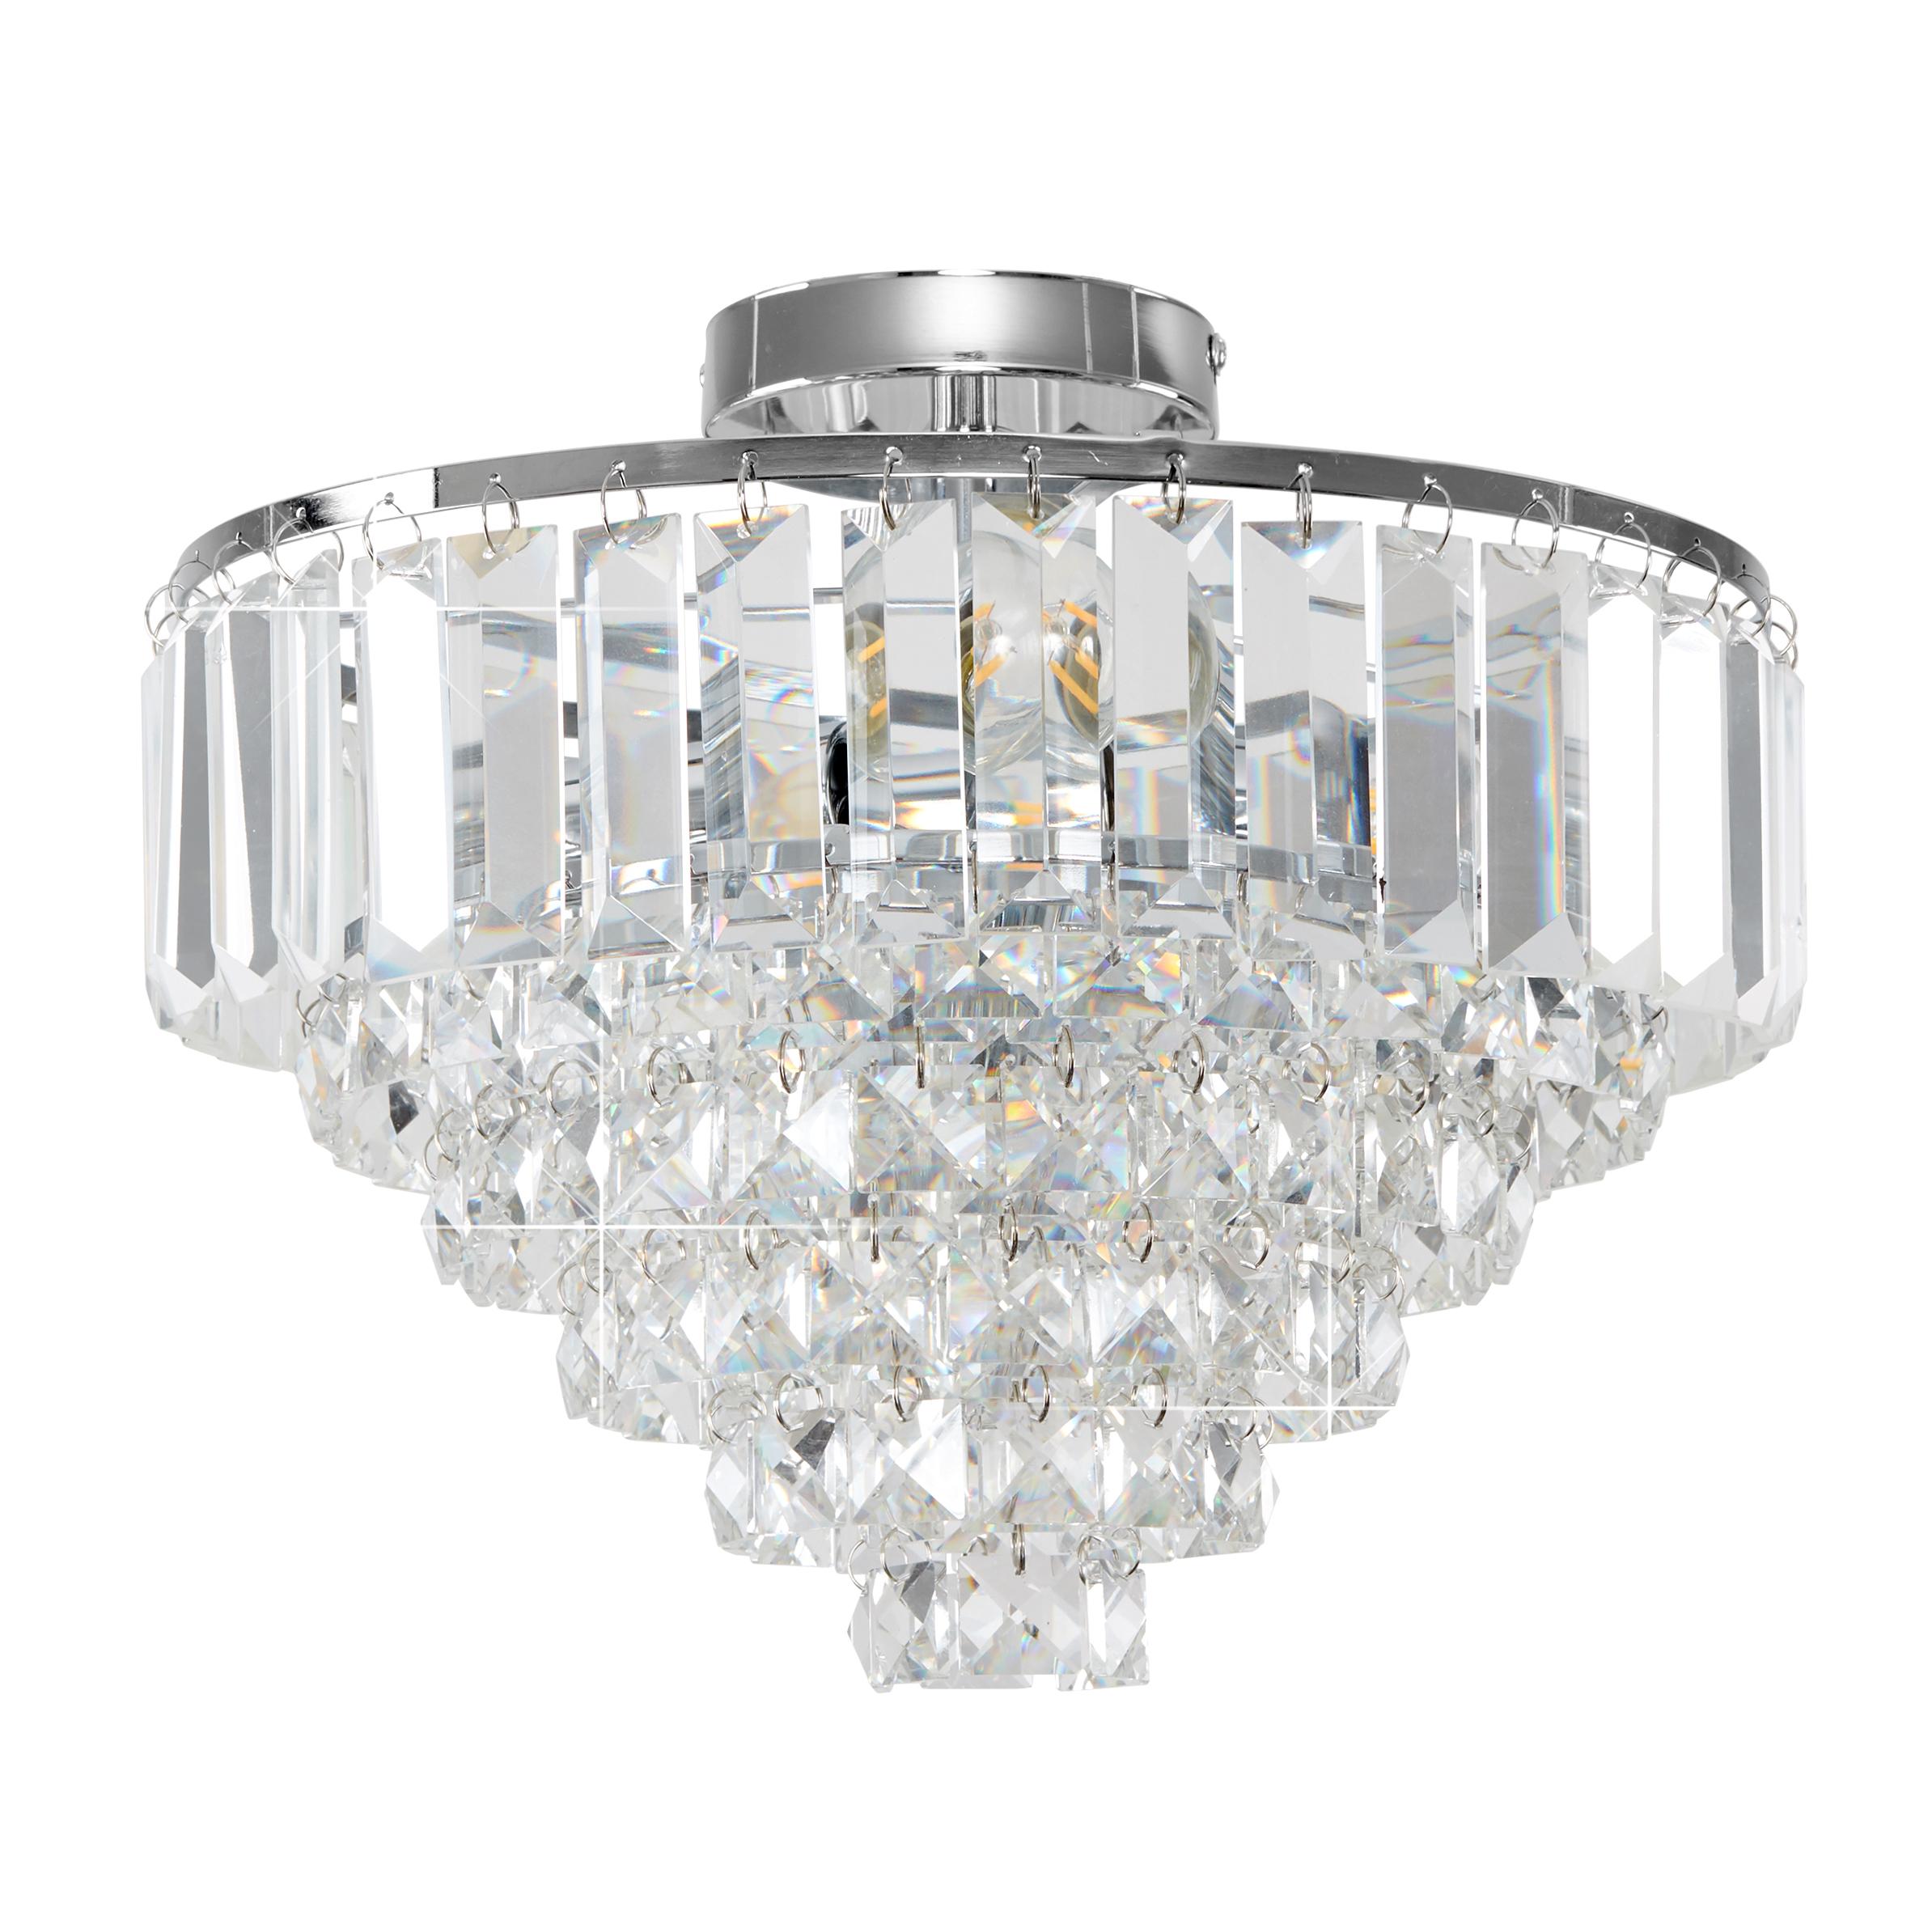 Iconic Mesita K9 Crystal Chrome Flush Ceiling Light